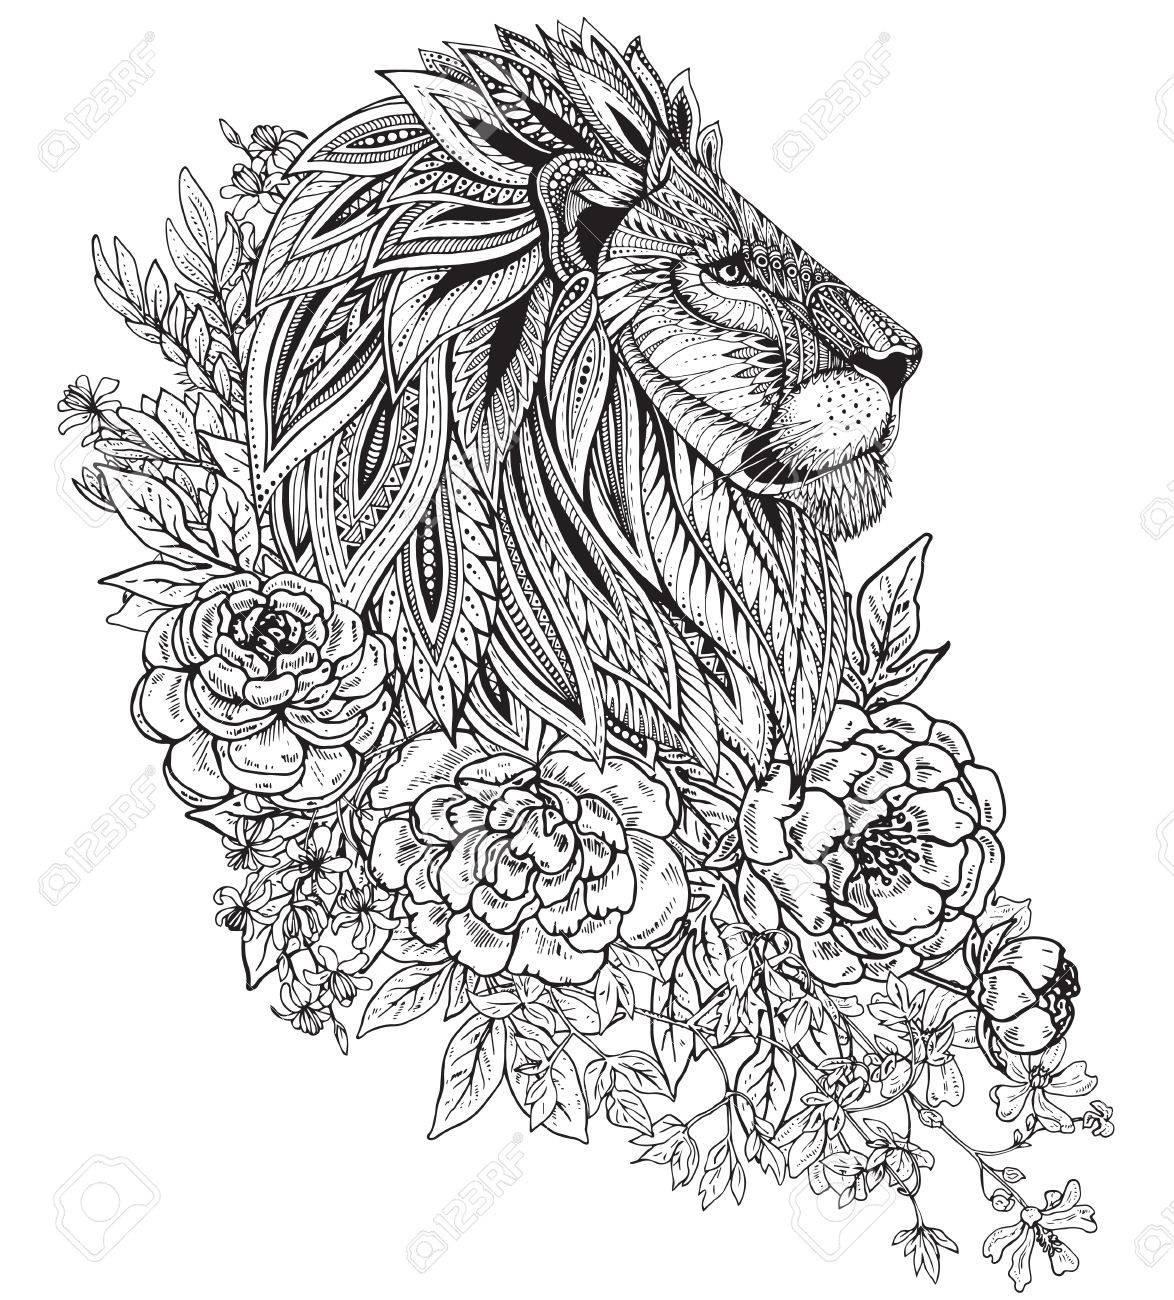 Hand Drawn Graphique Tête Ornée De Lion Avec Motif Ethnique Floral De Griffonnage Pivoines Et D Autres Fleurs Vector Illustration De Livre De